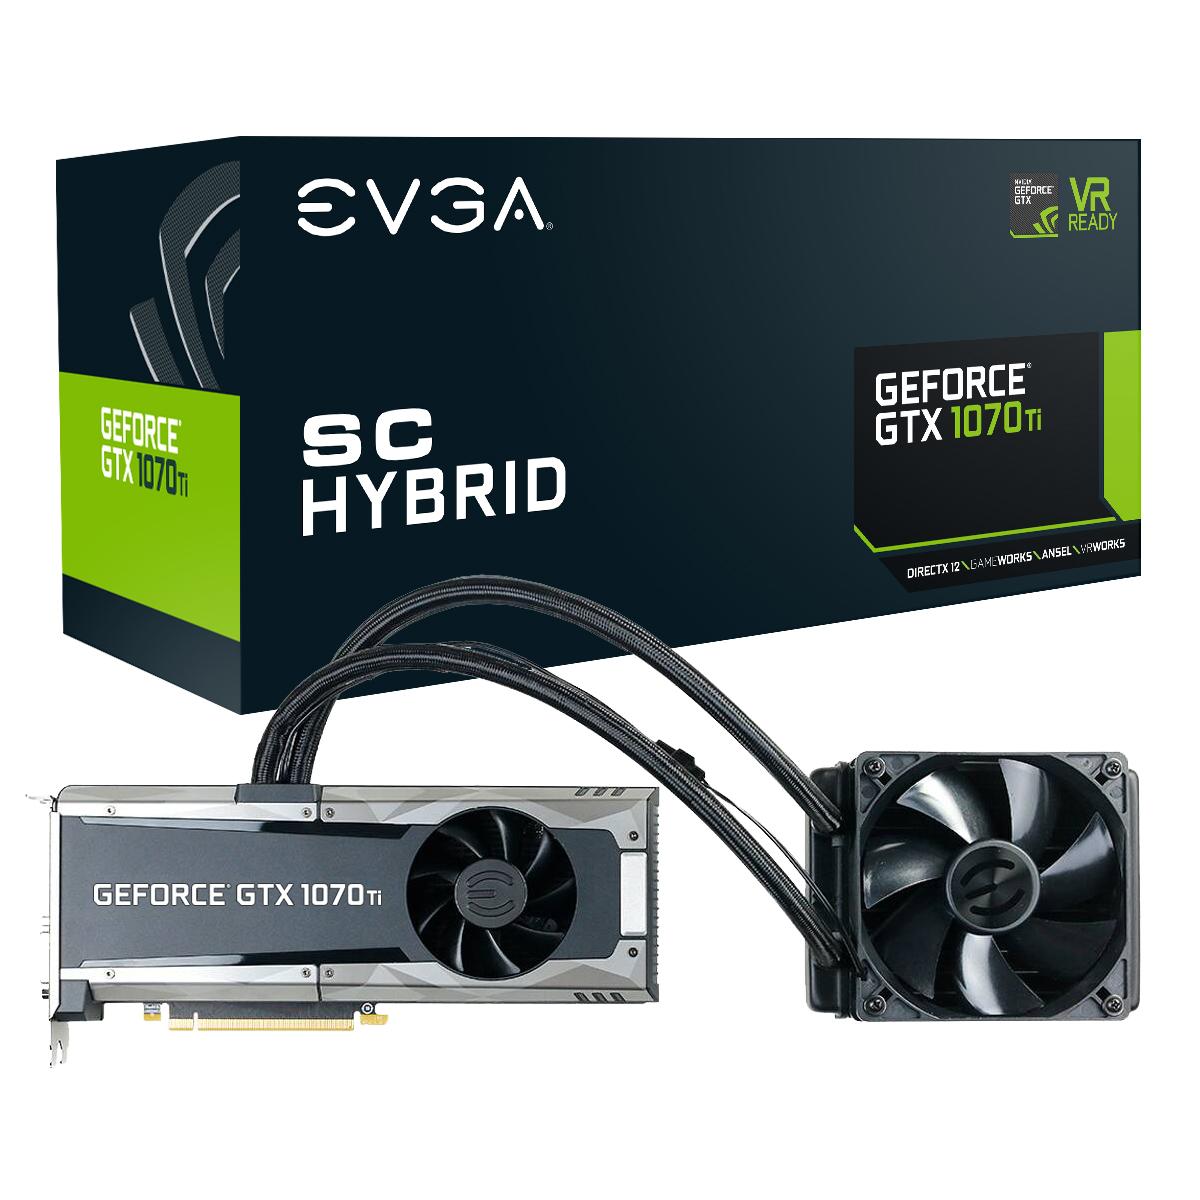 evga-geforce-gtx-1070-ti-gaming-sc-hybrid_1